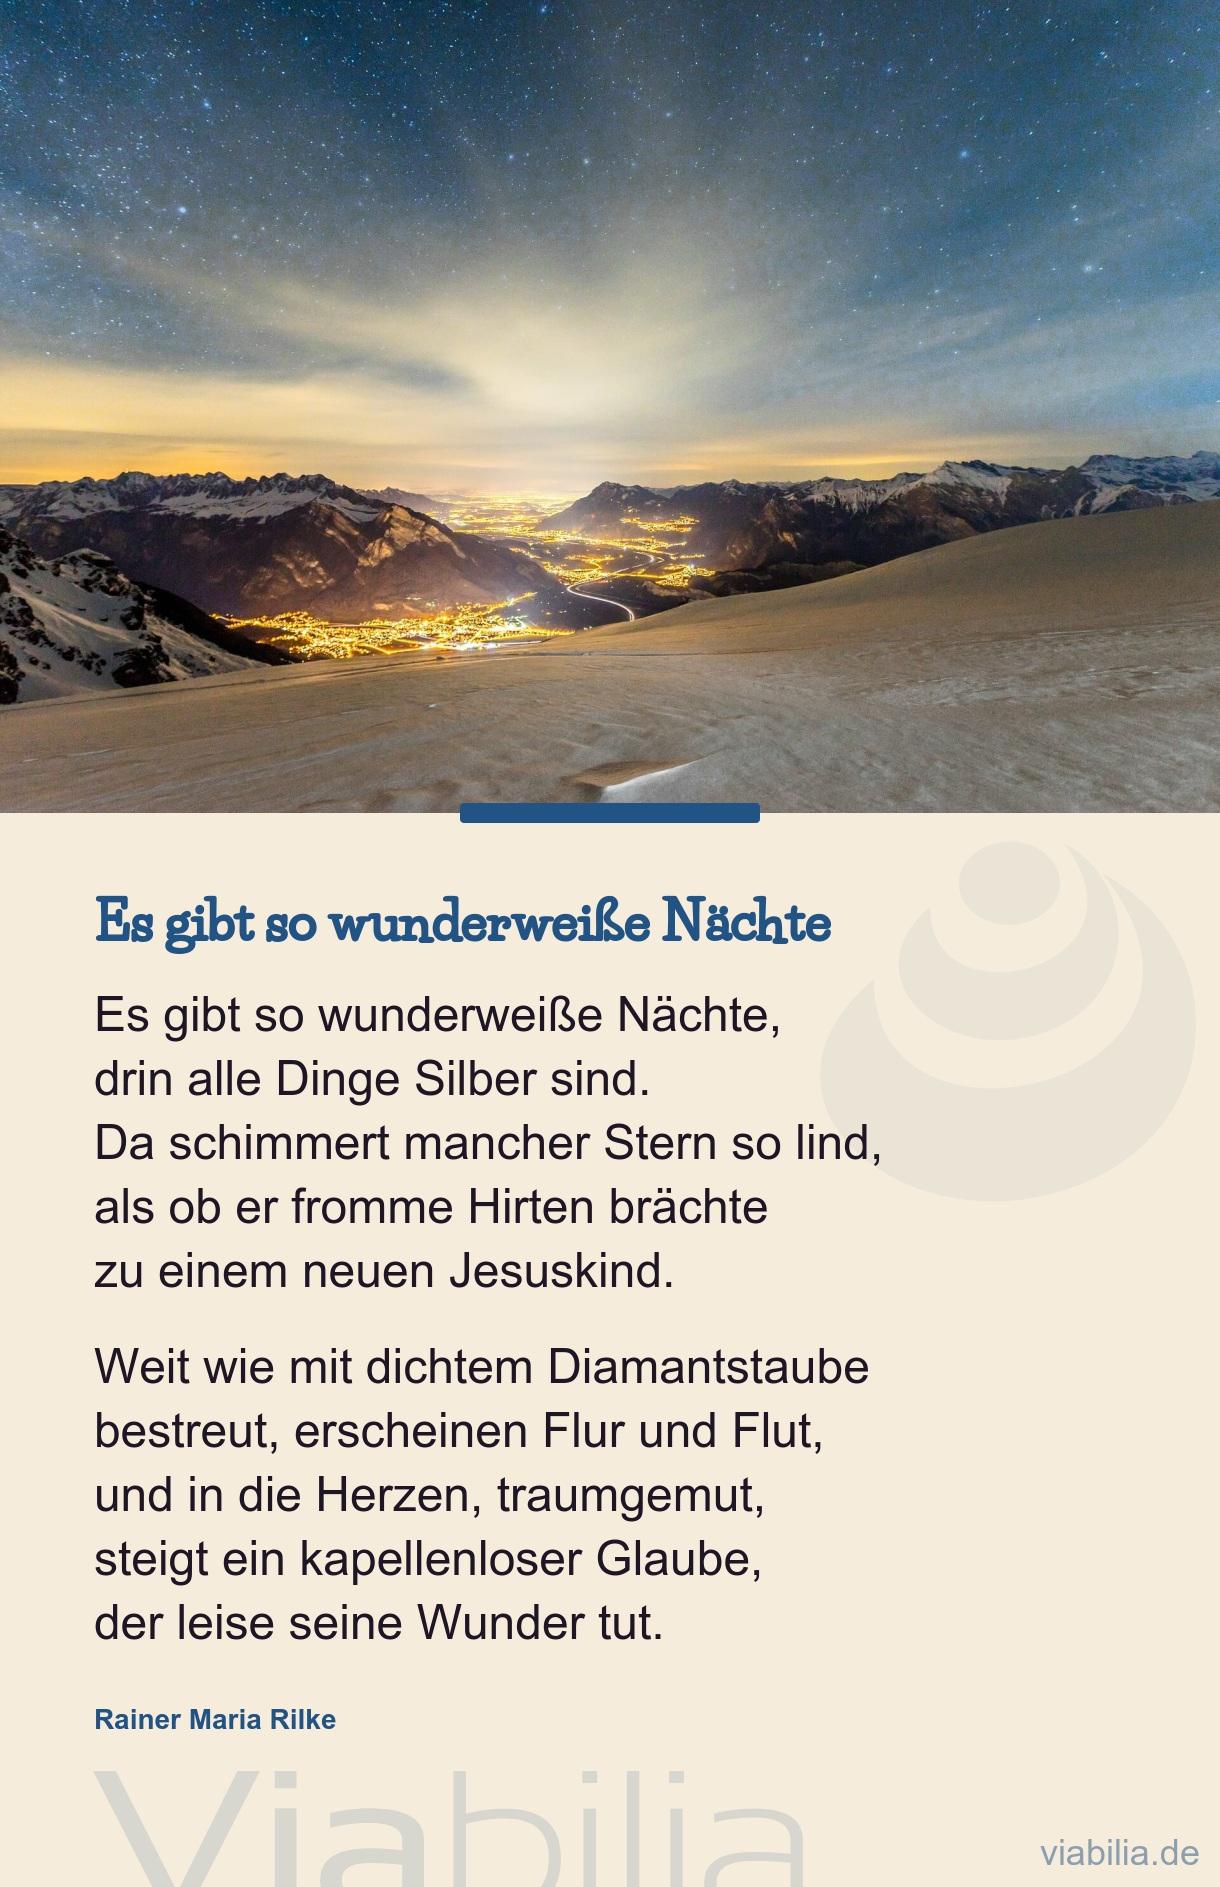 Adventsgedicht: Es Gibt So Wunderweiße Nächte über Rainer Maria Rilke Weihnachtsgedichte